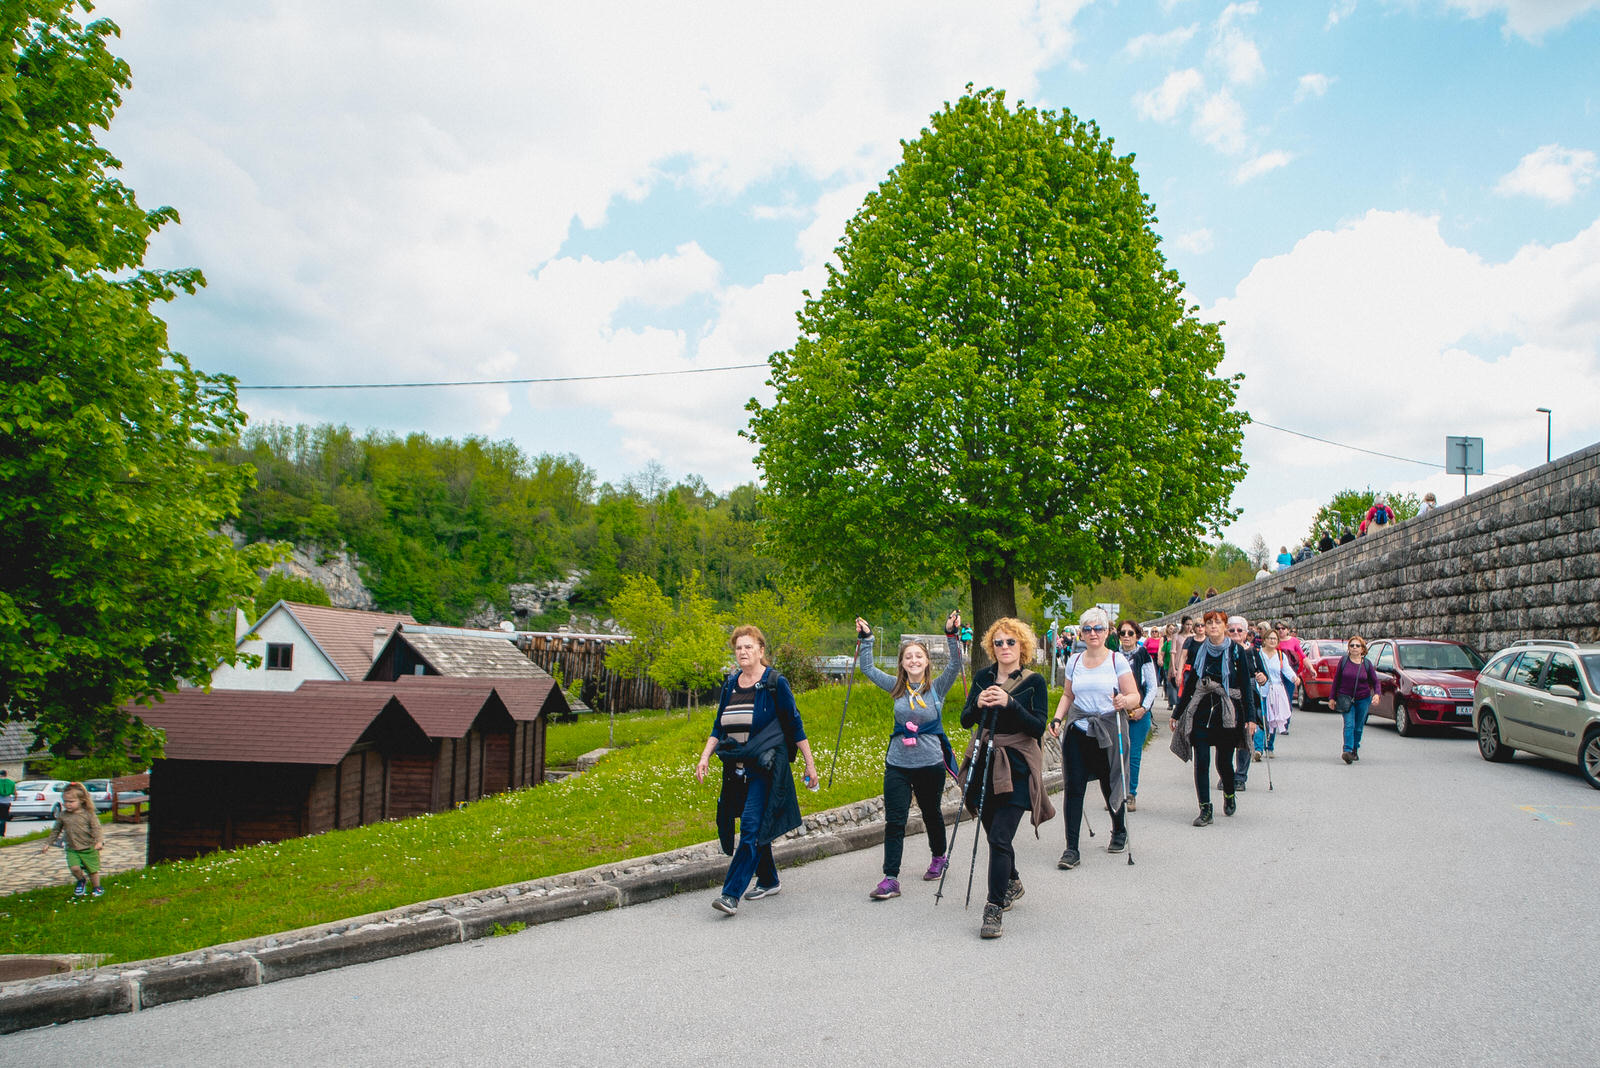 likaclub_slunj_rastoke_5-festival-nordijskog-hodanja_2019-94